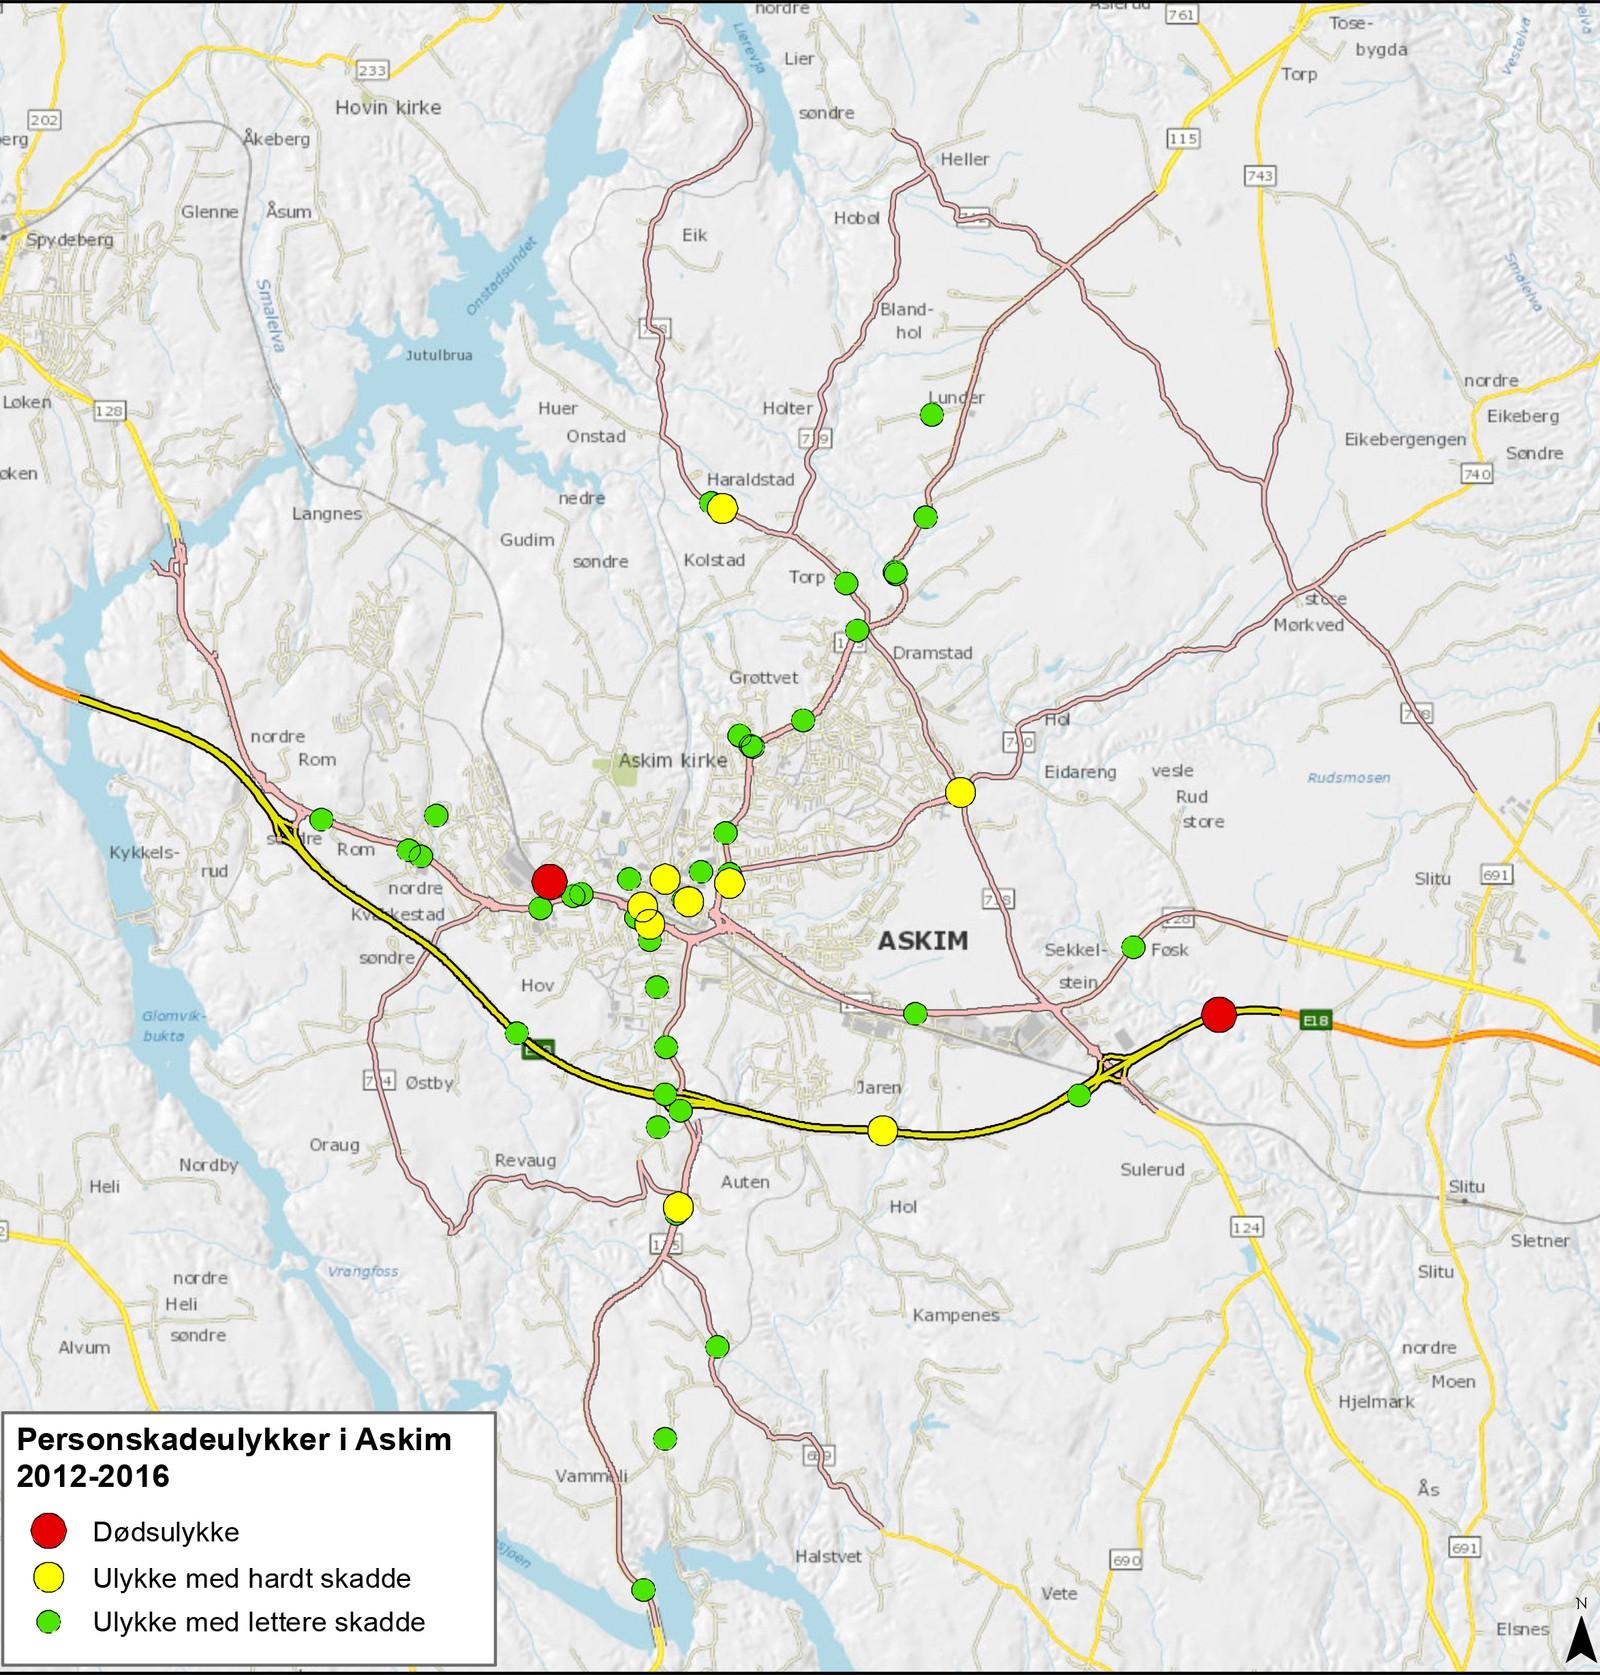 Askim er Østfold-byen i vegvesenets oversikt med færrest trafikkulykker.